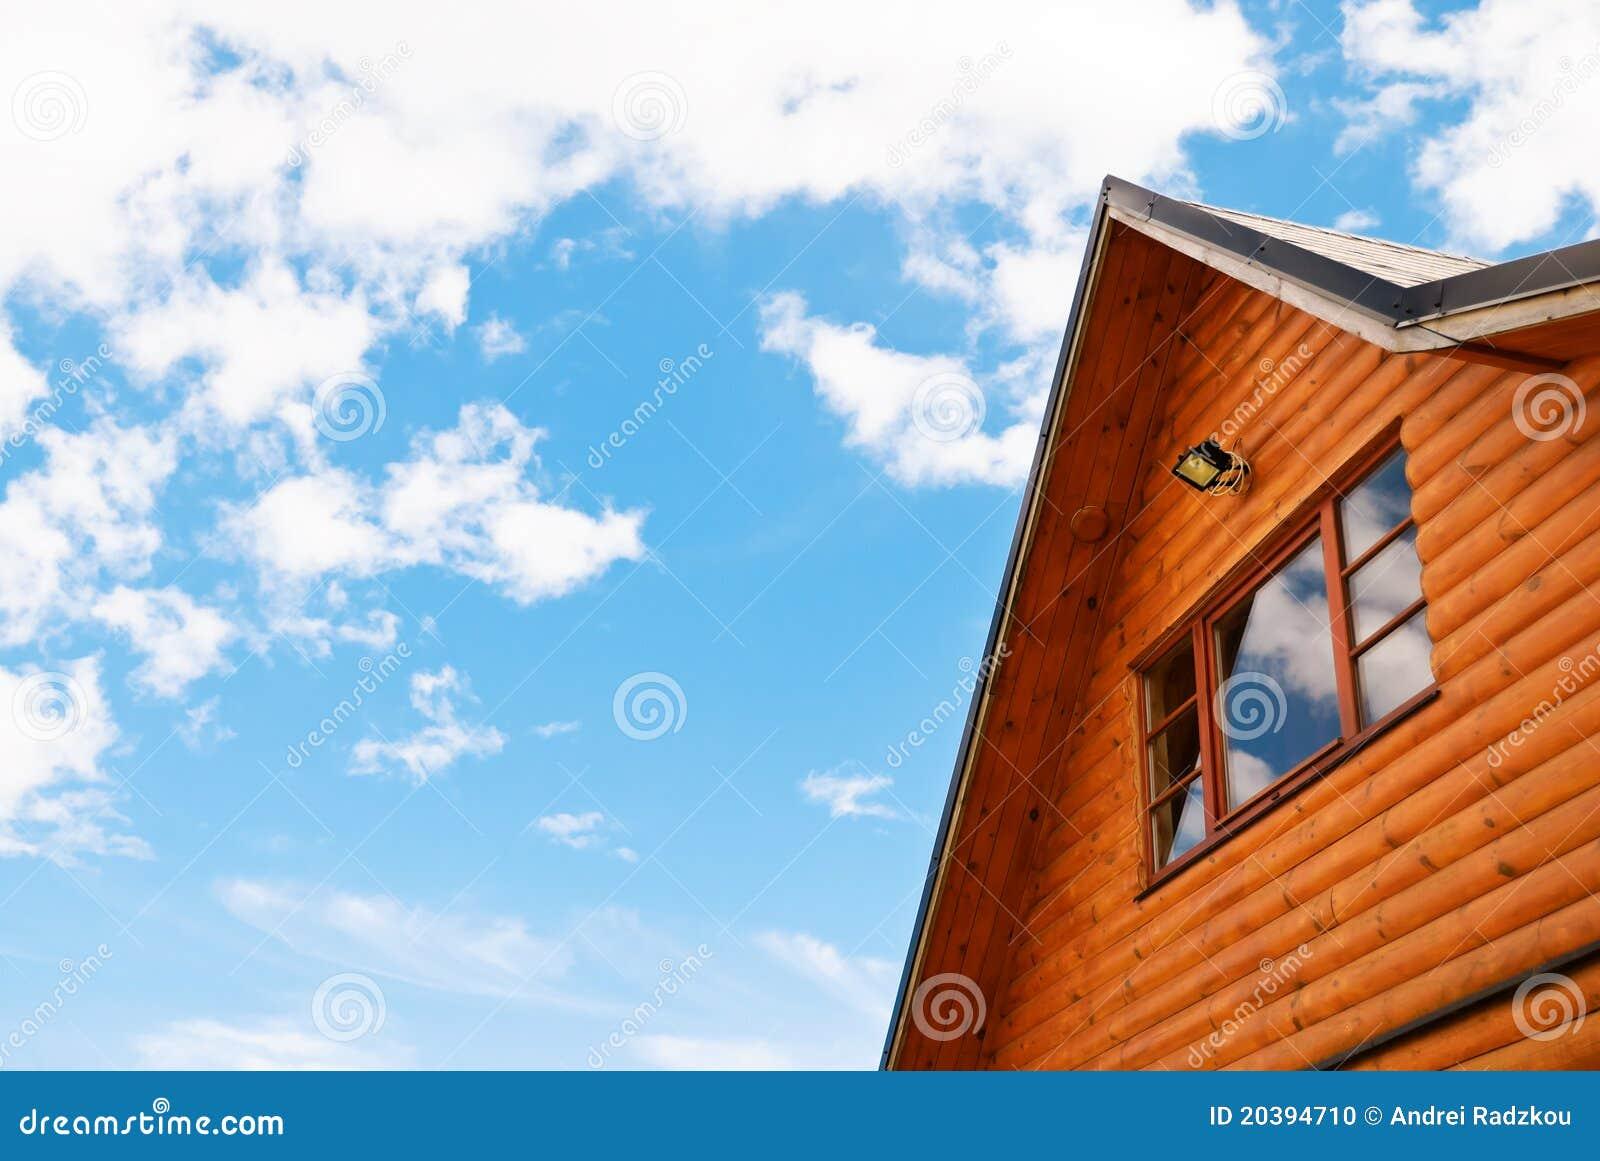 Zolder venster